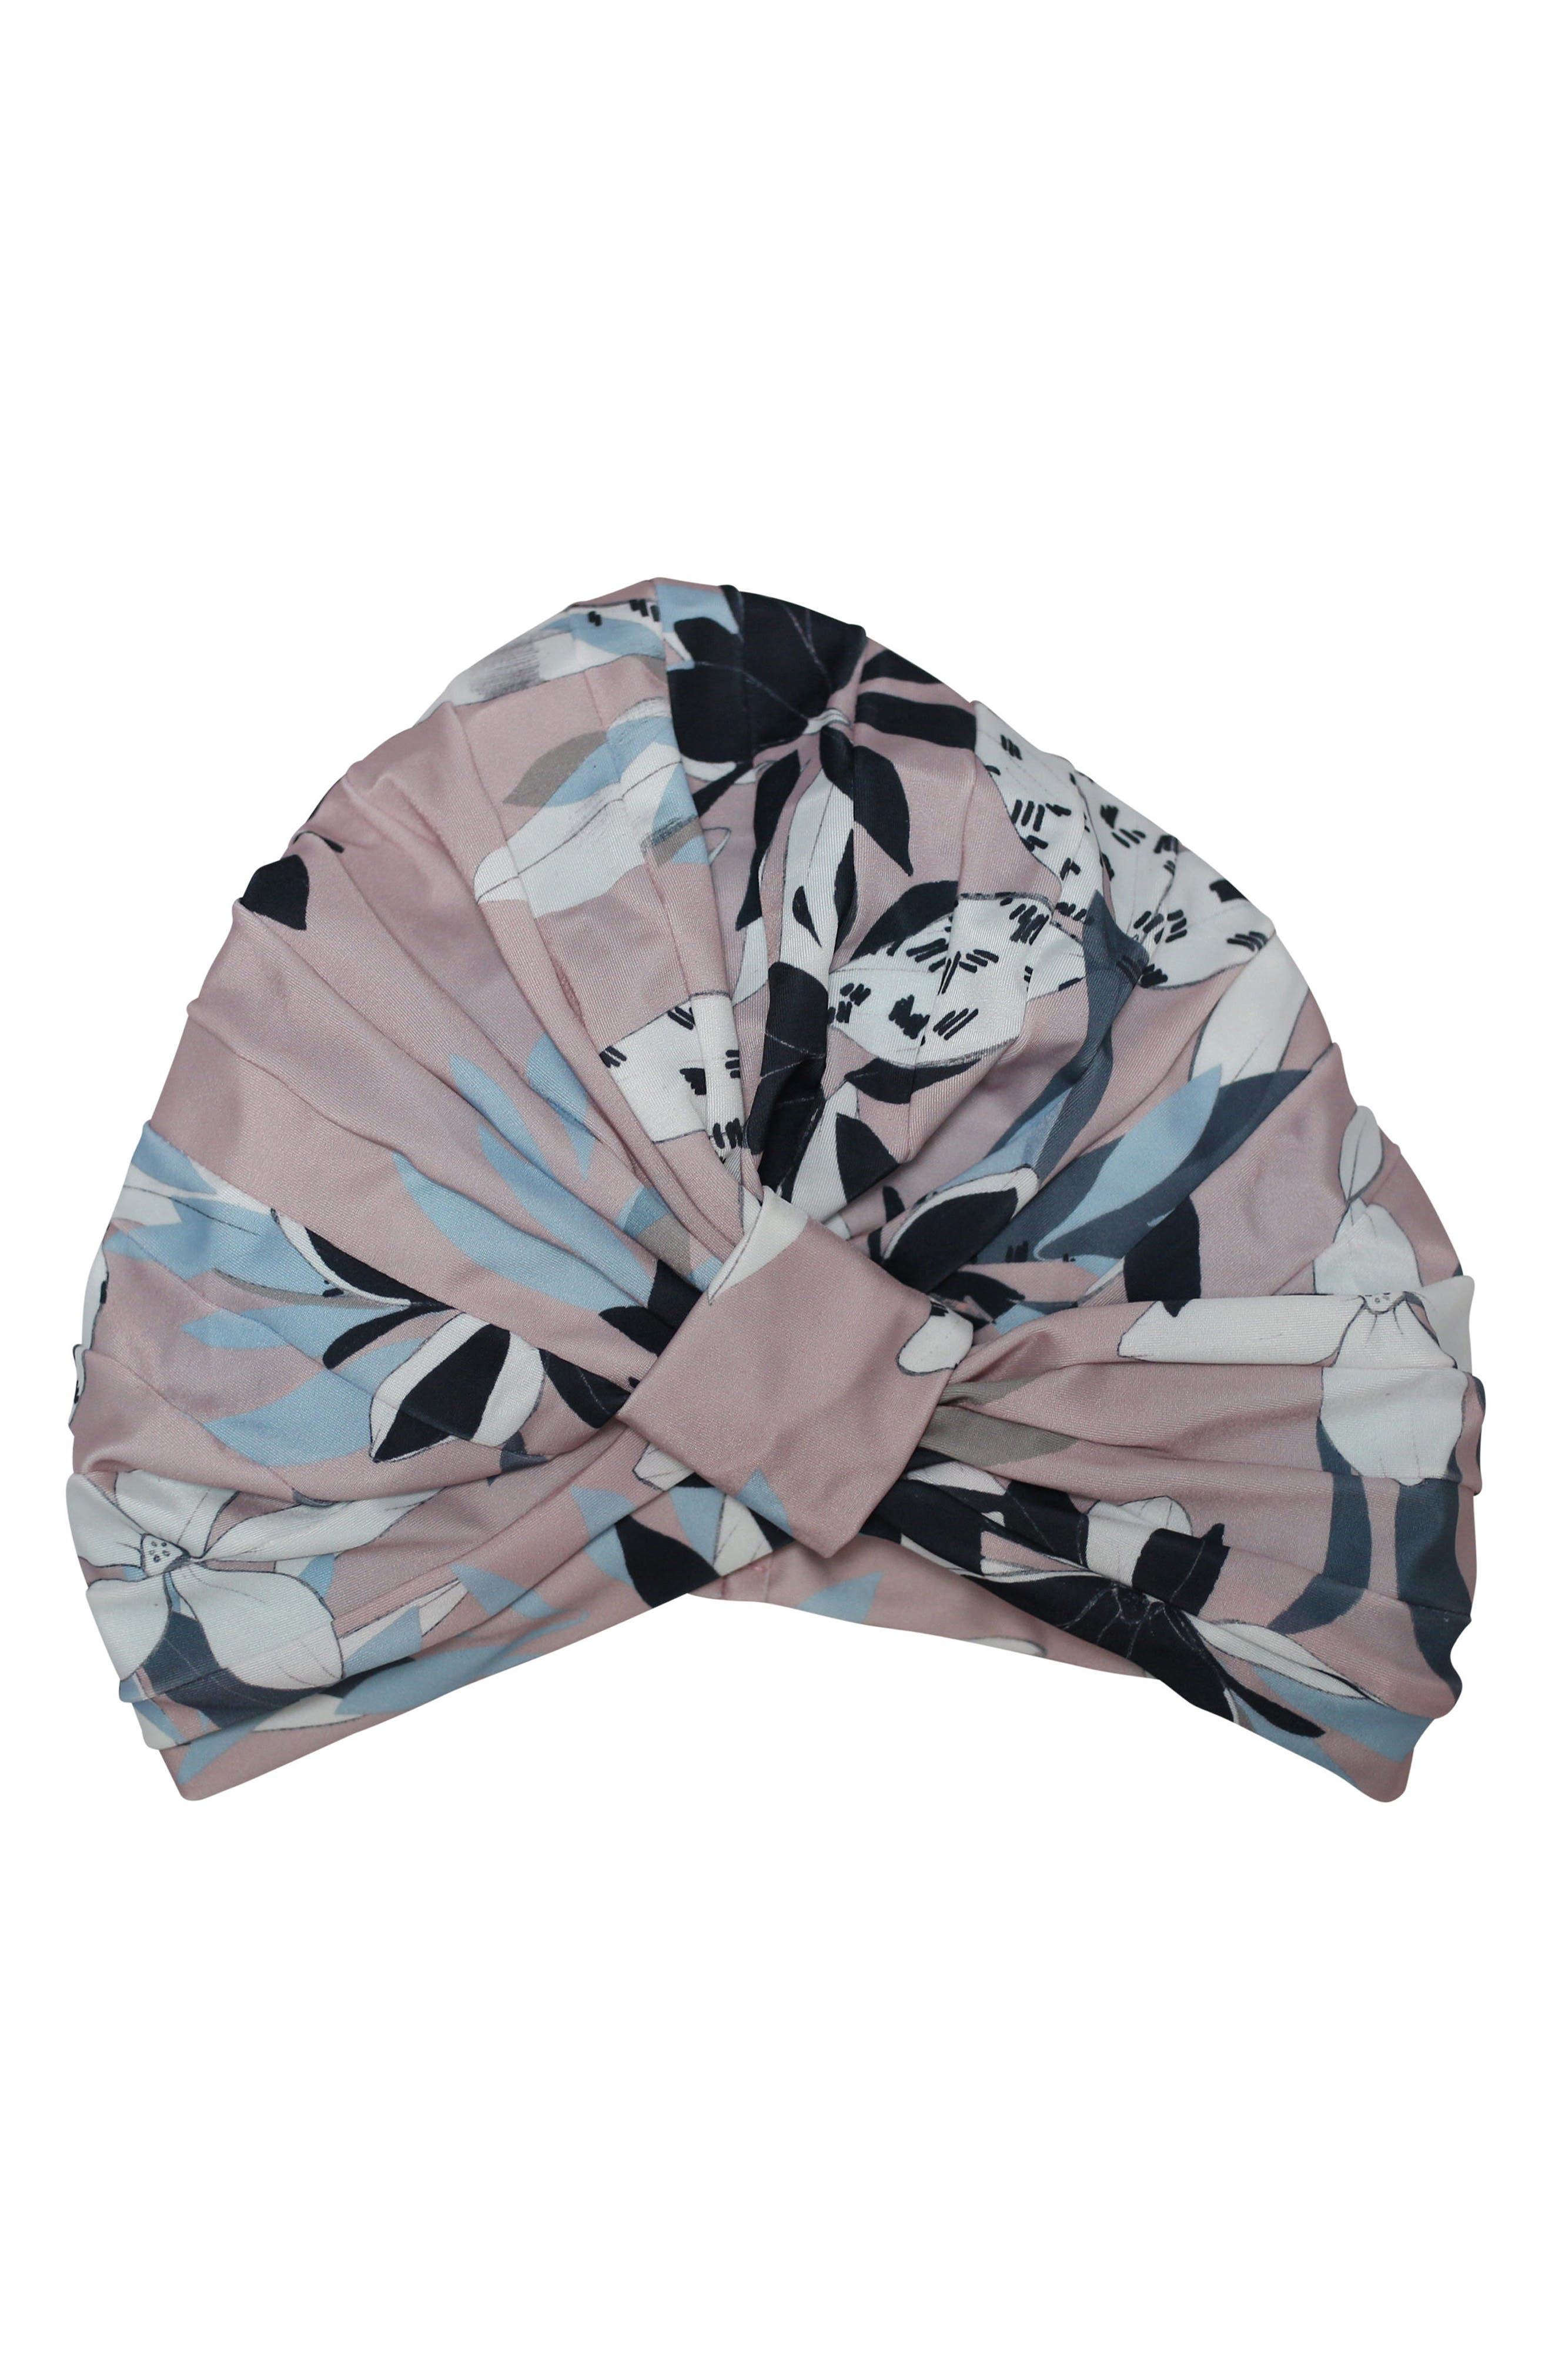 Amelie Turban Shower Cap,                         Main,                         color, Soft Pink Floral